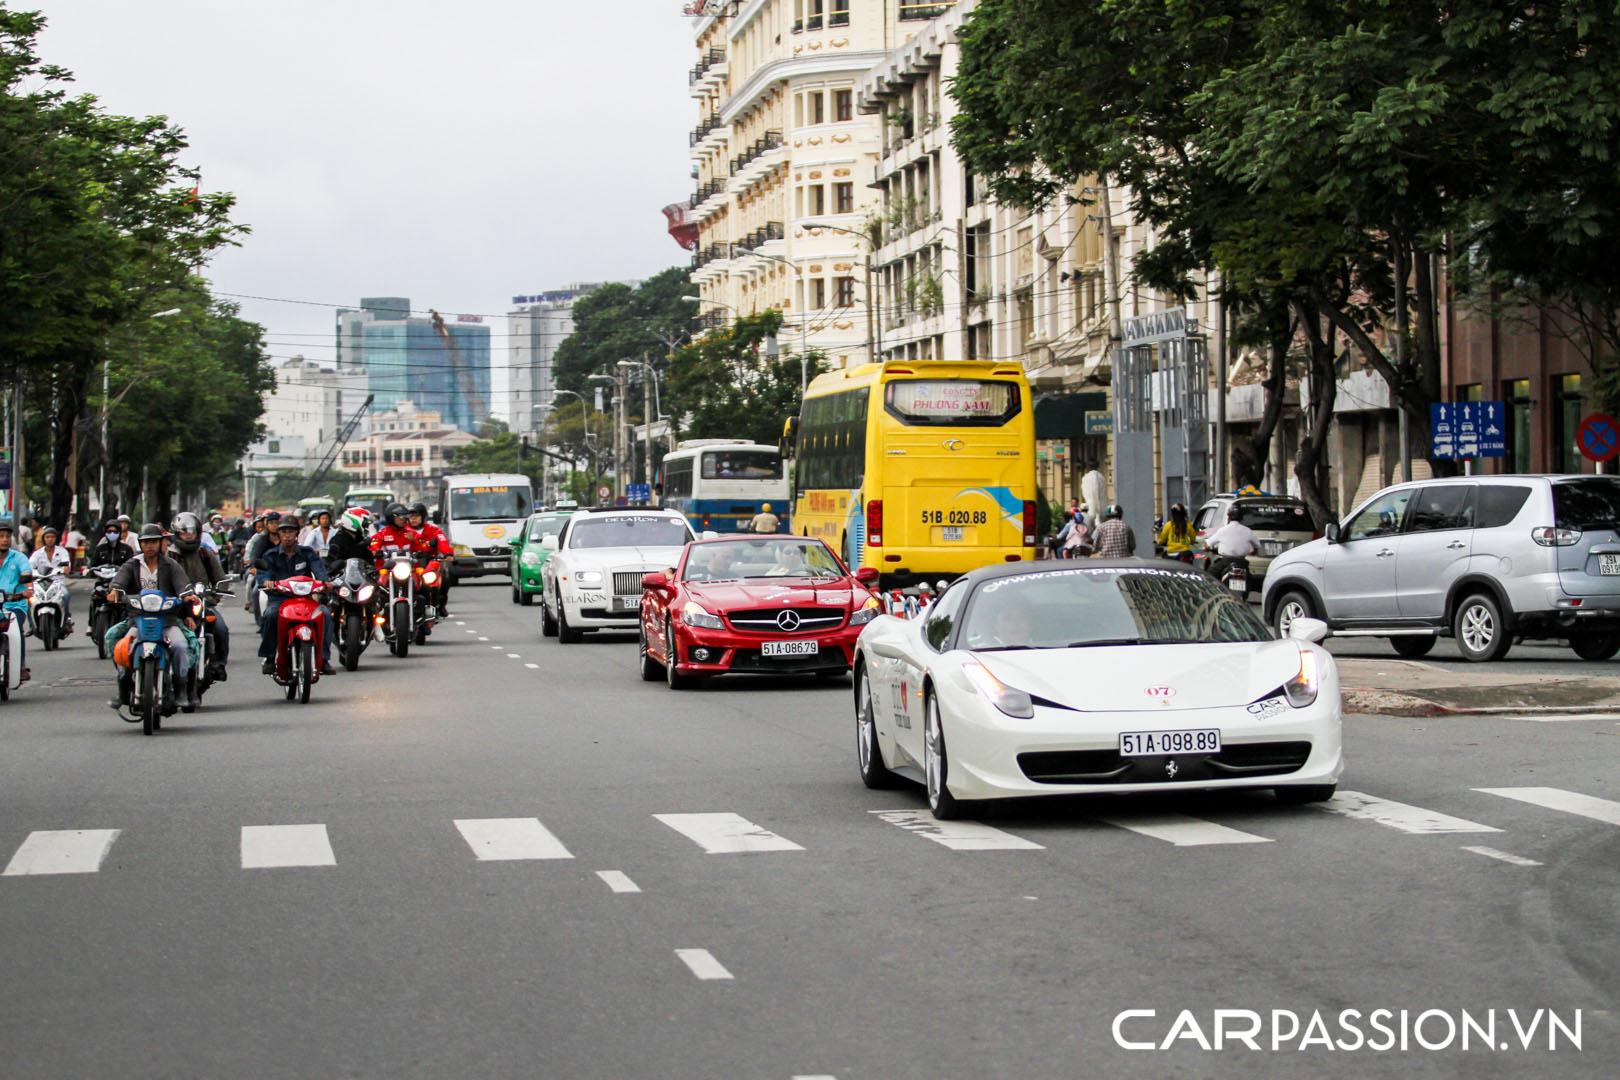 CP-Hành trình siêu xe CarPassion 2011 (35).jpg